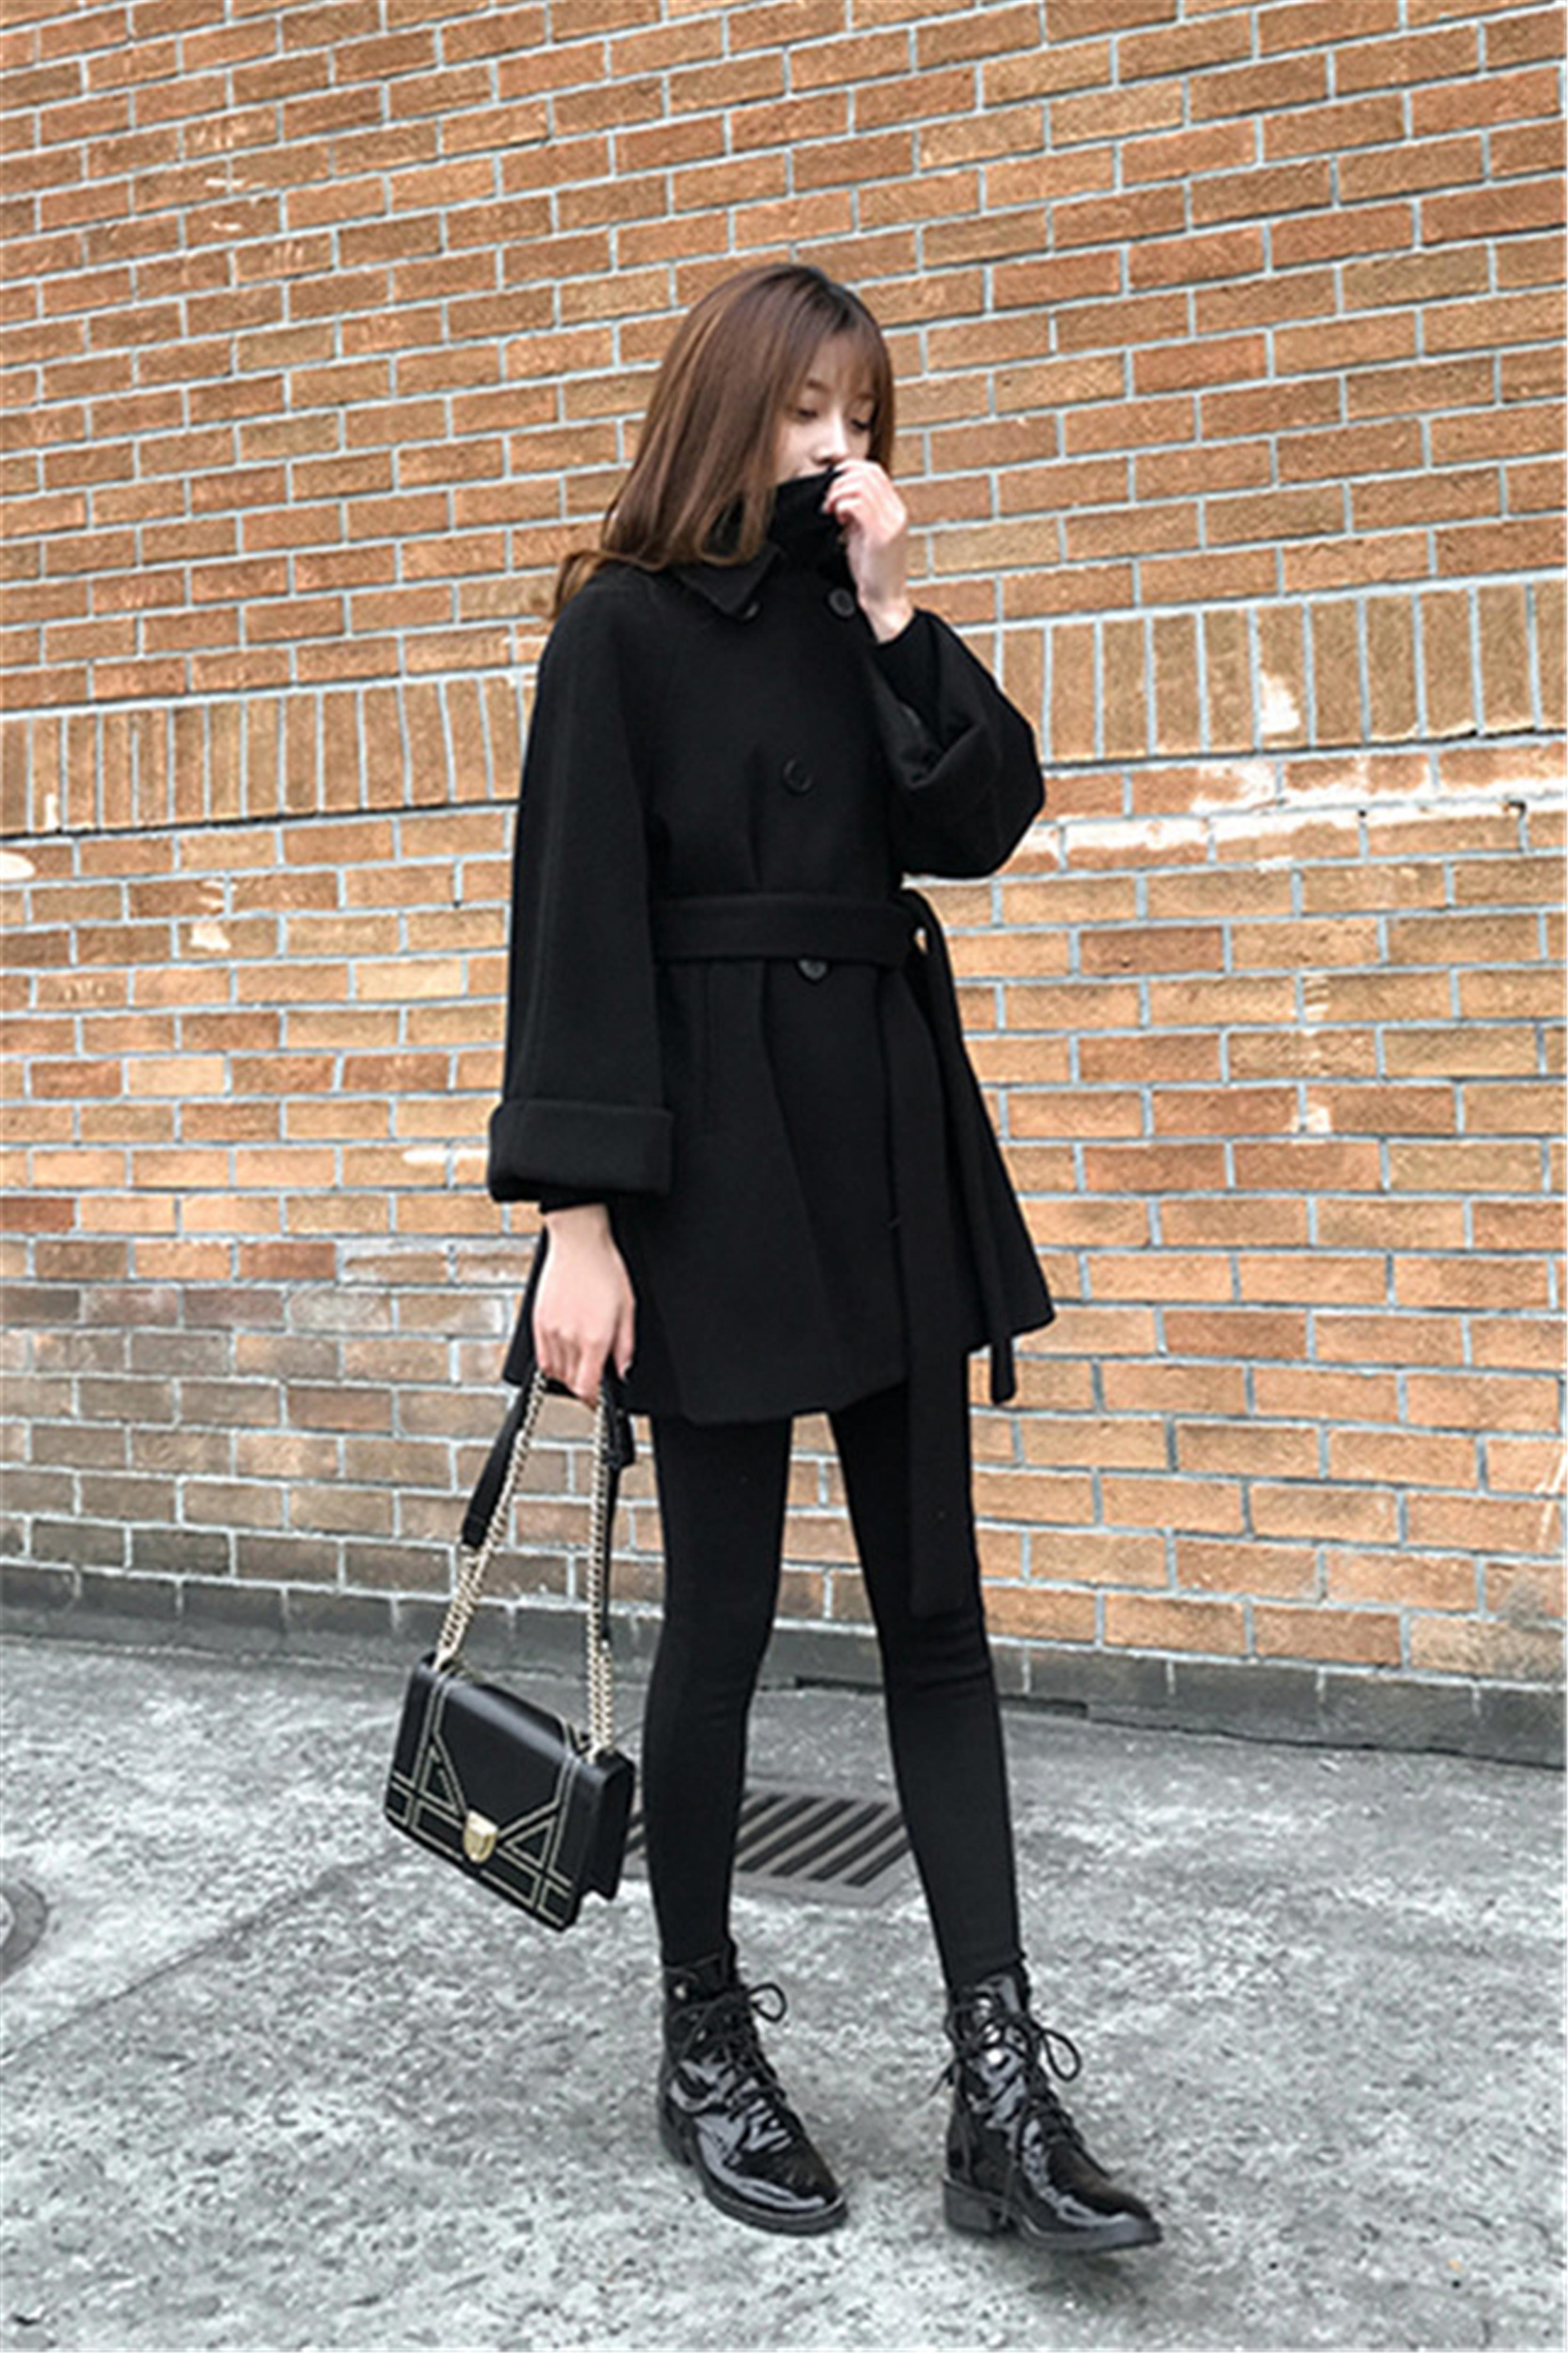 冬季套装女新款赫本加厚显瘦毛呢外套+高领毛衣+显瘦裤子三件套